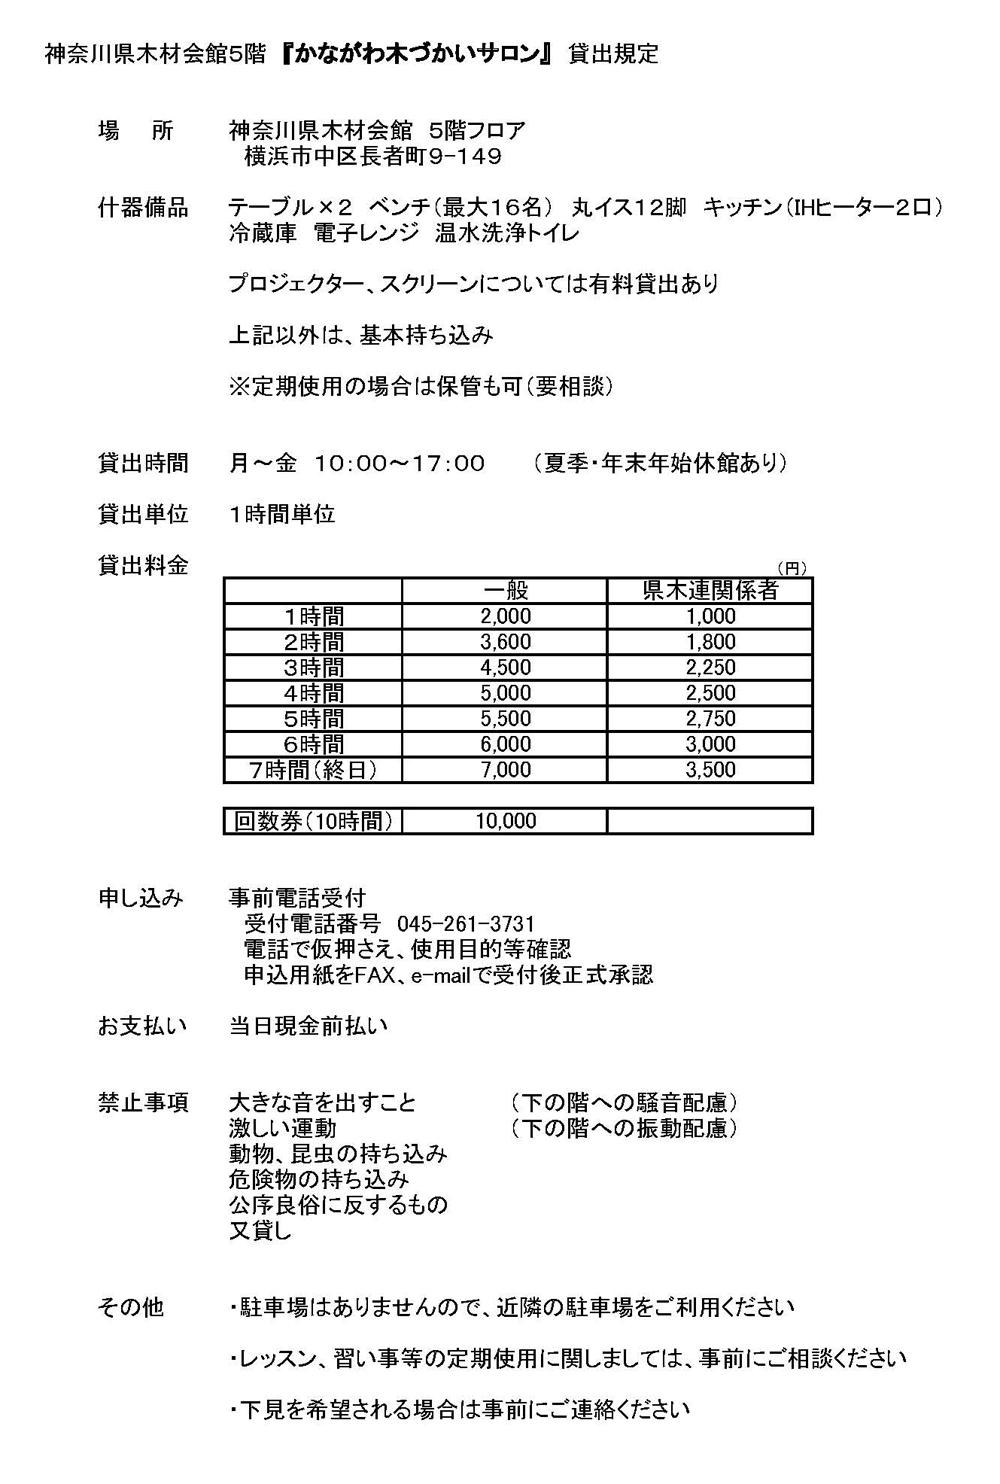 レンタルルーム貸出規程の画像